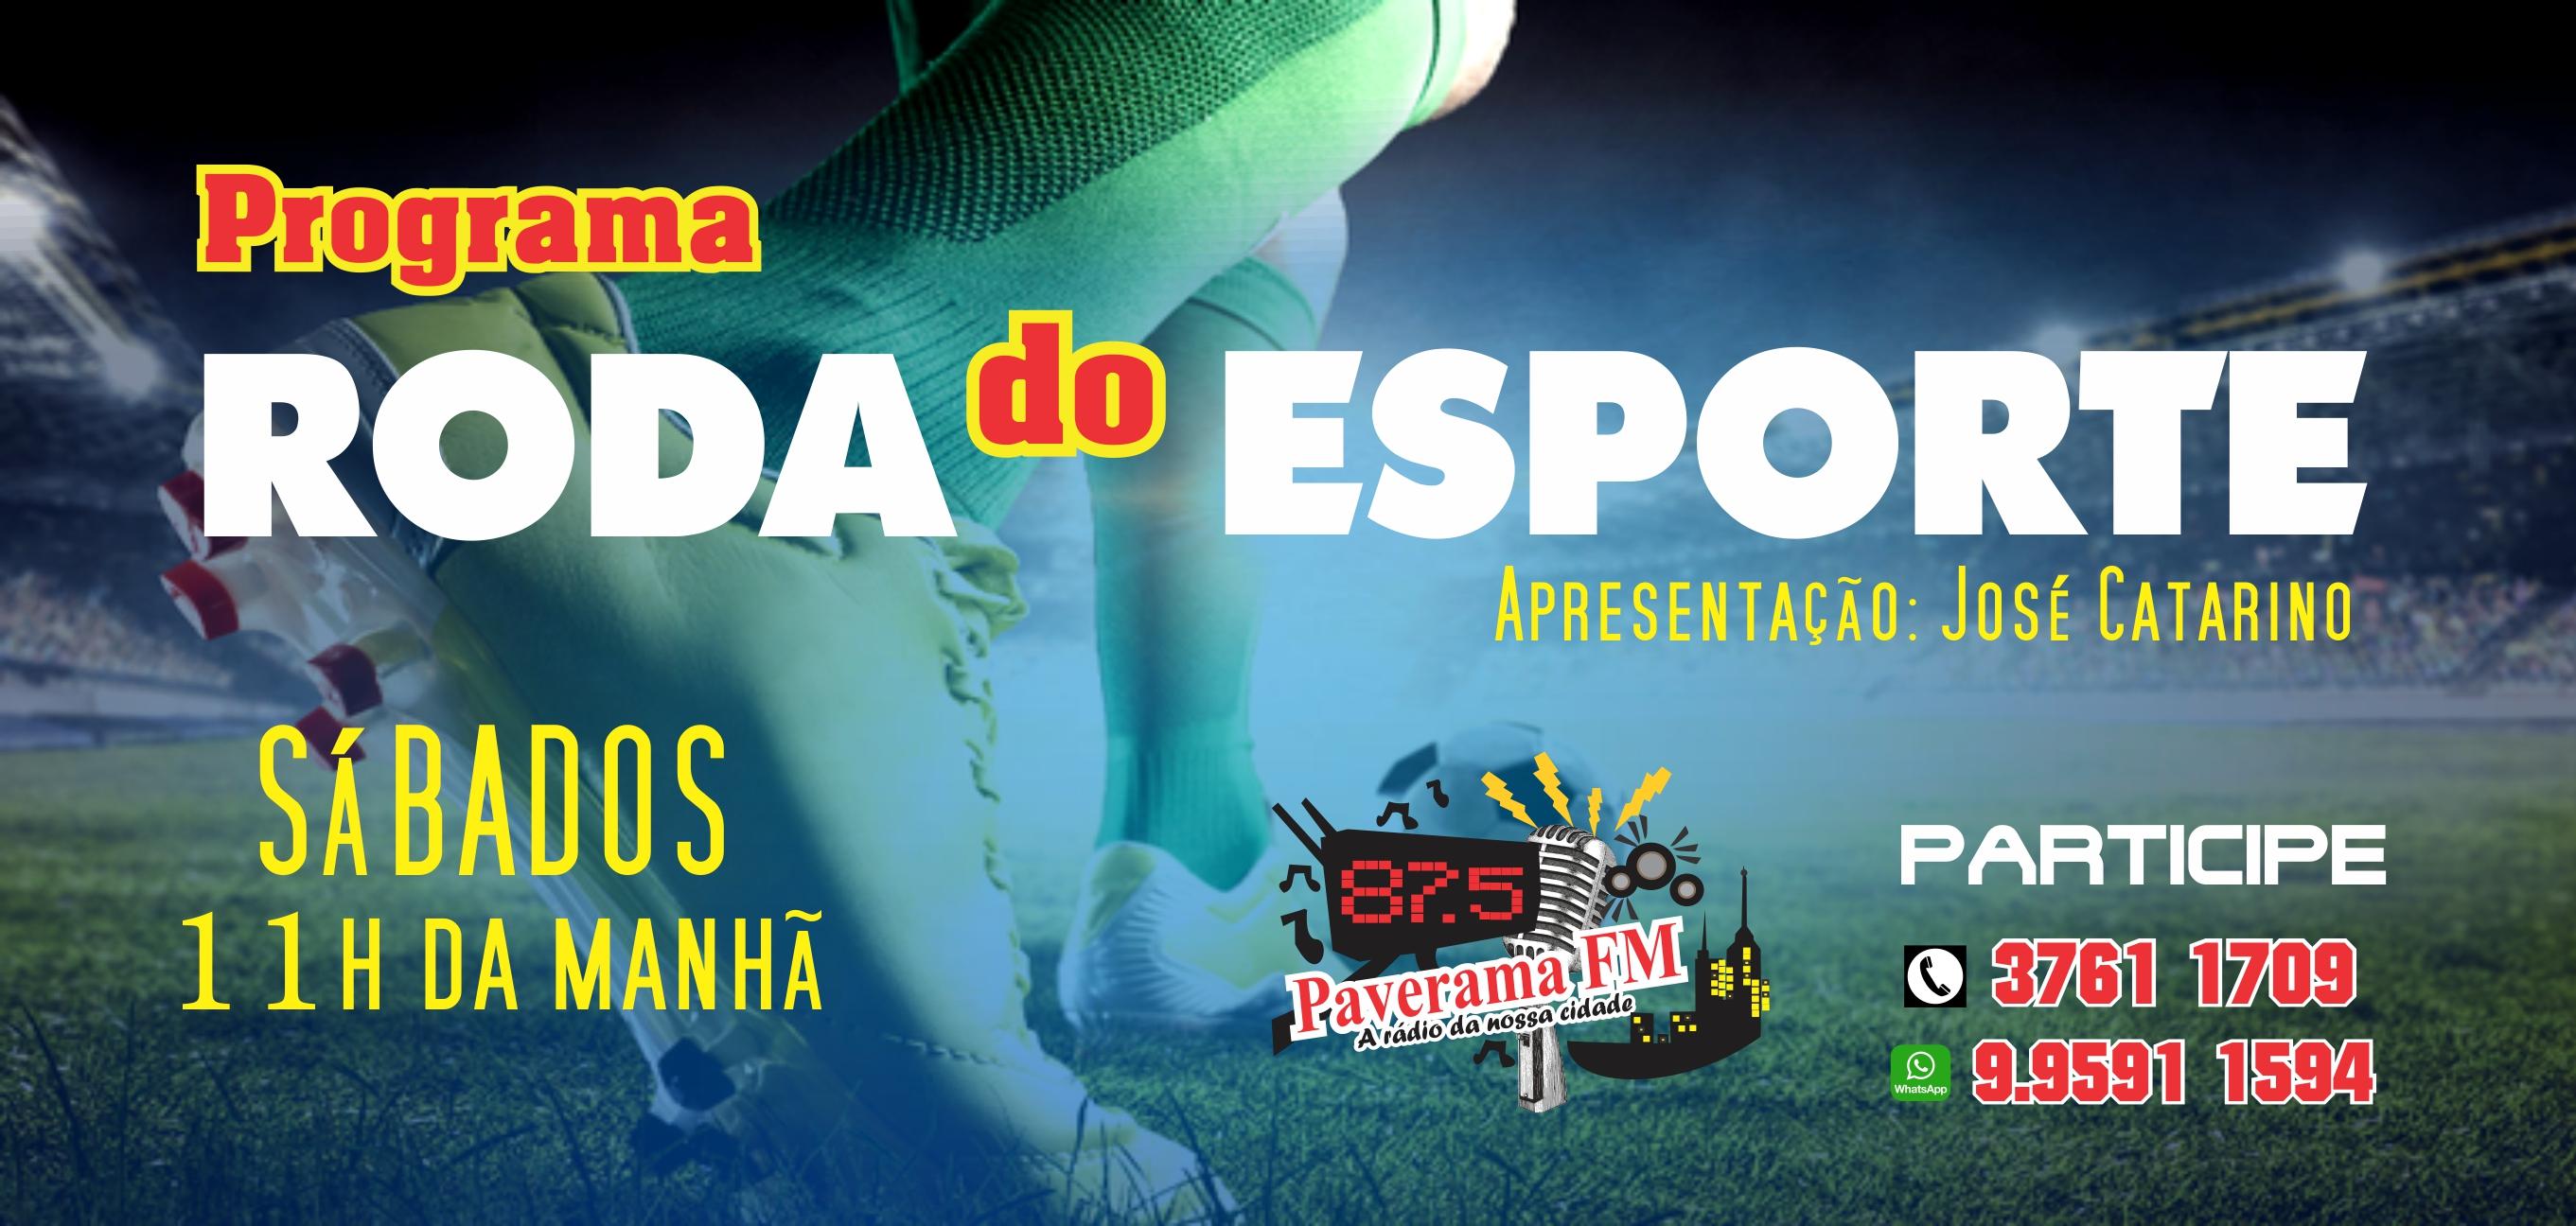 Roda do Esporte deste sábado abordou Abertão da Católica de Paverama e campeonatos da Associação Fênix